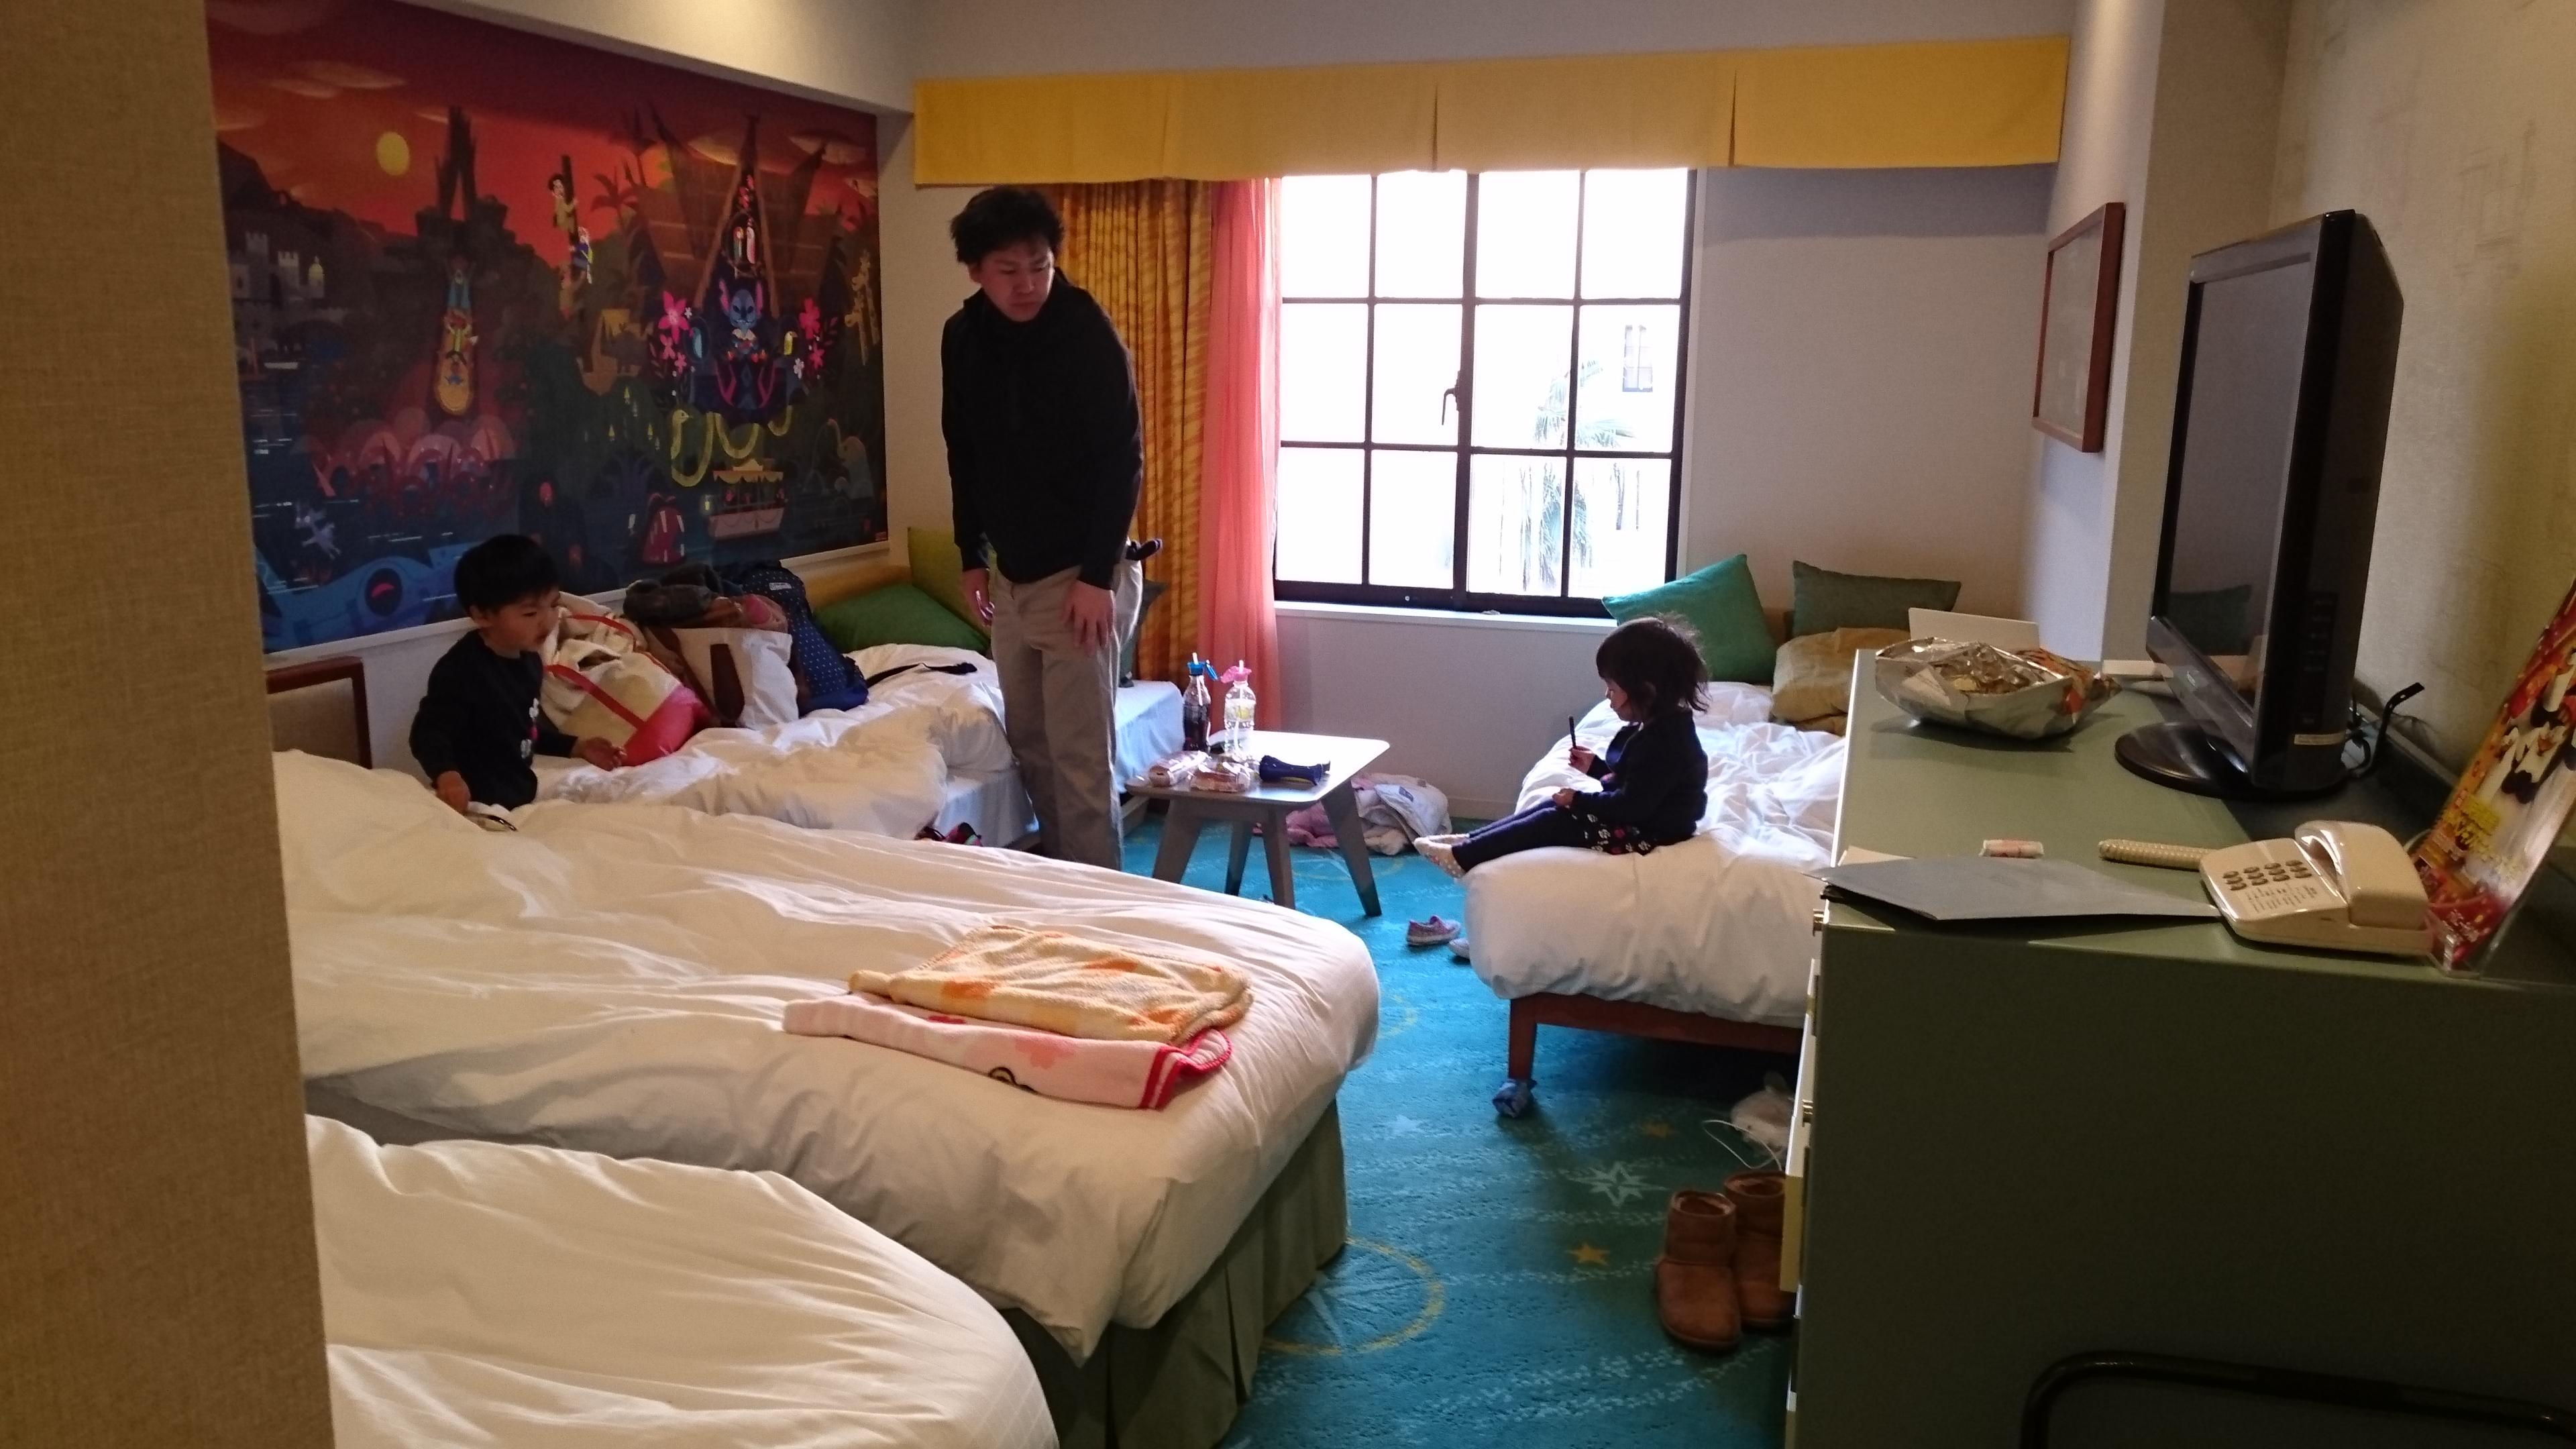 tdrオフィシャルなのに安い!ディズニーセレブレーションホテル宿泊